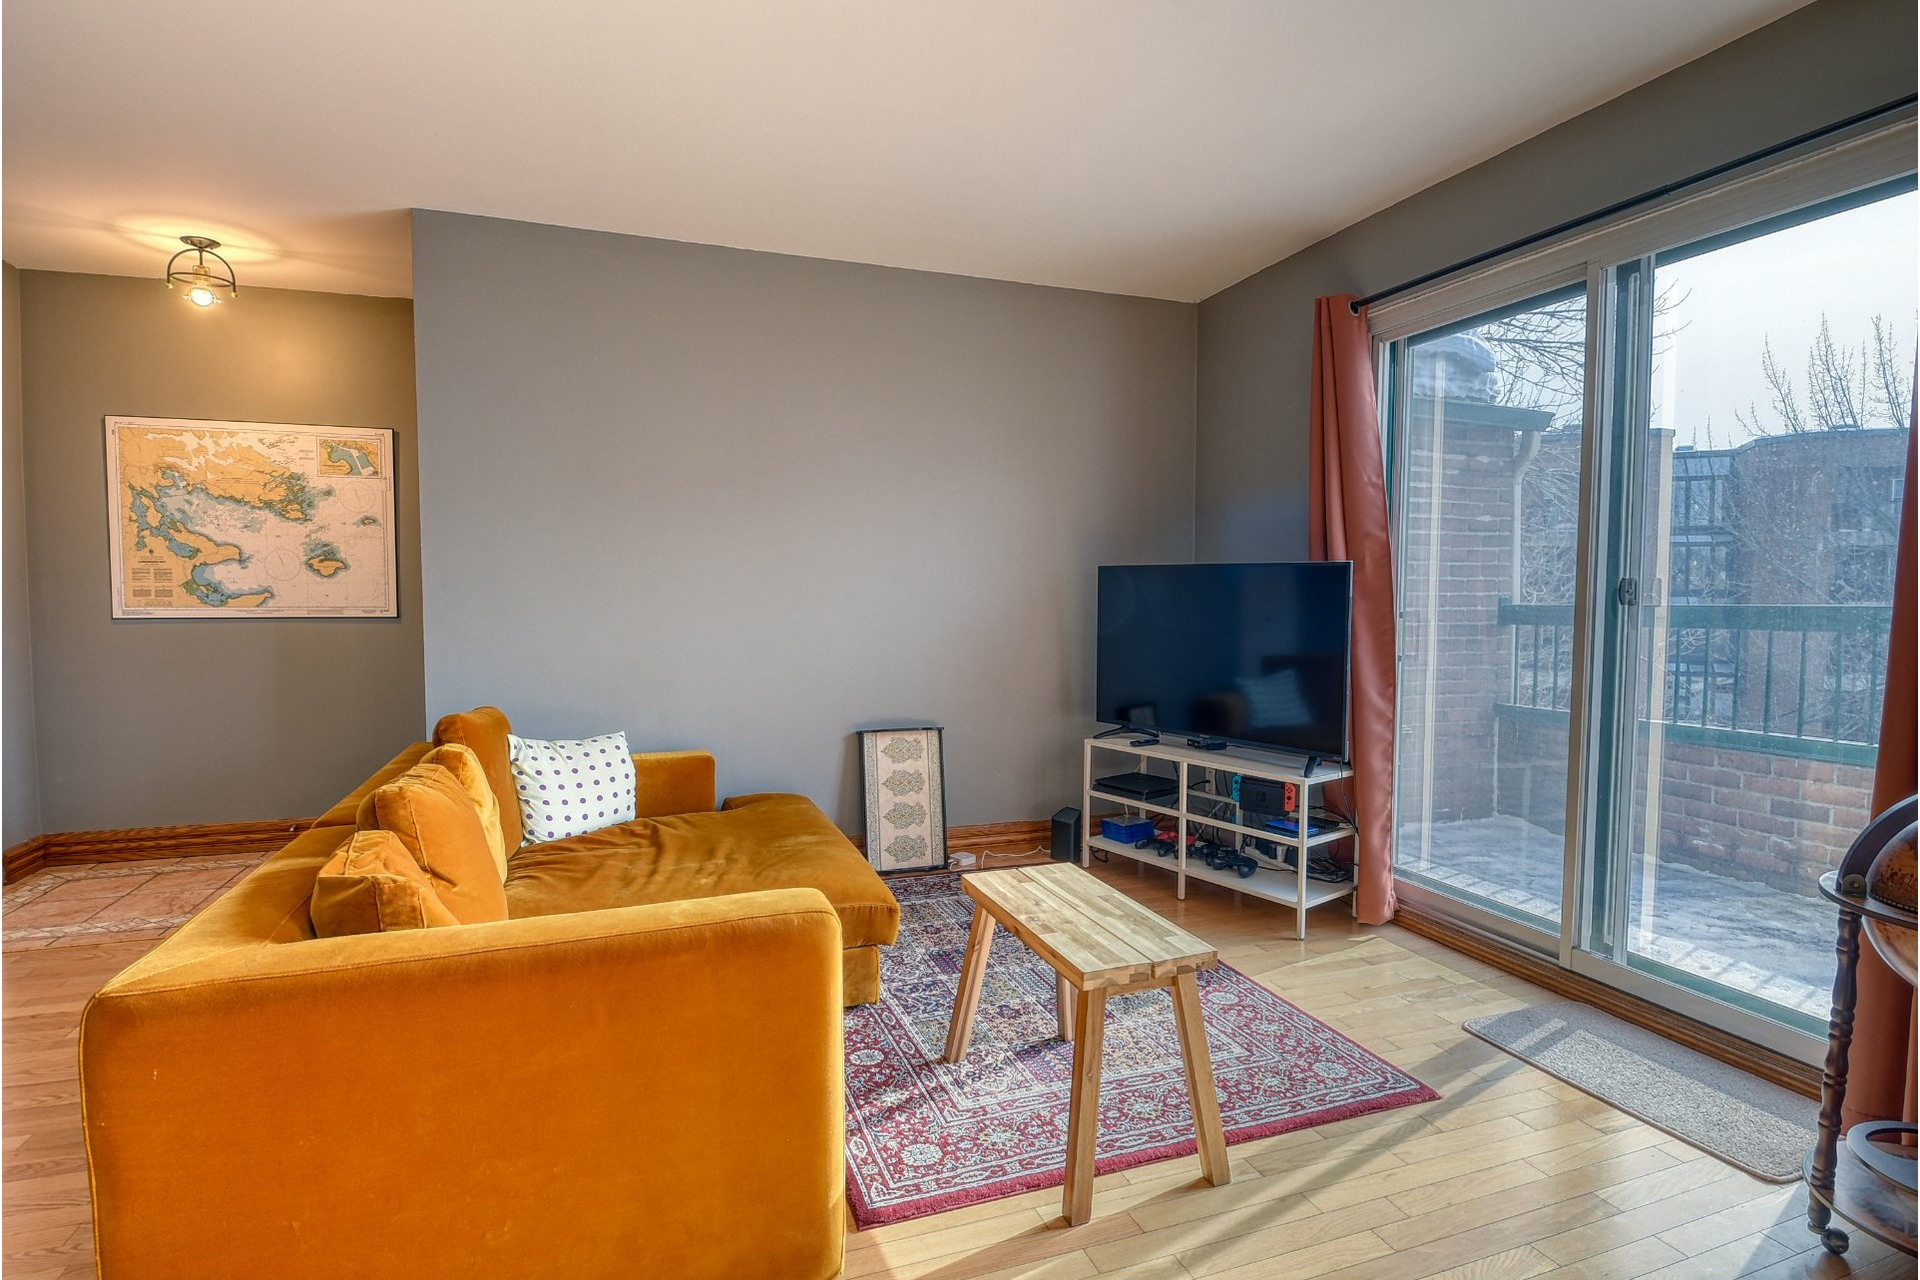 image 2 - Appartement À vendre Mercier/Hochelaga-Maisonneuve Montréal  - 6 pièces